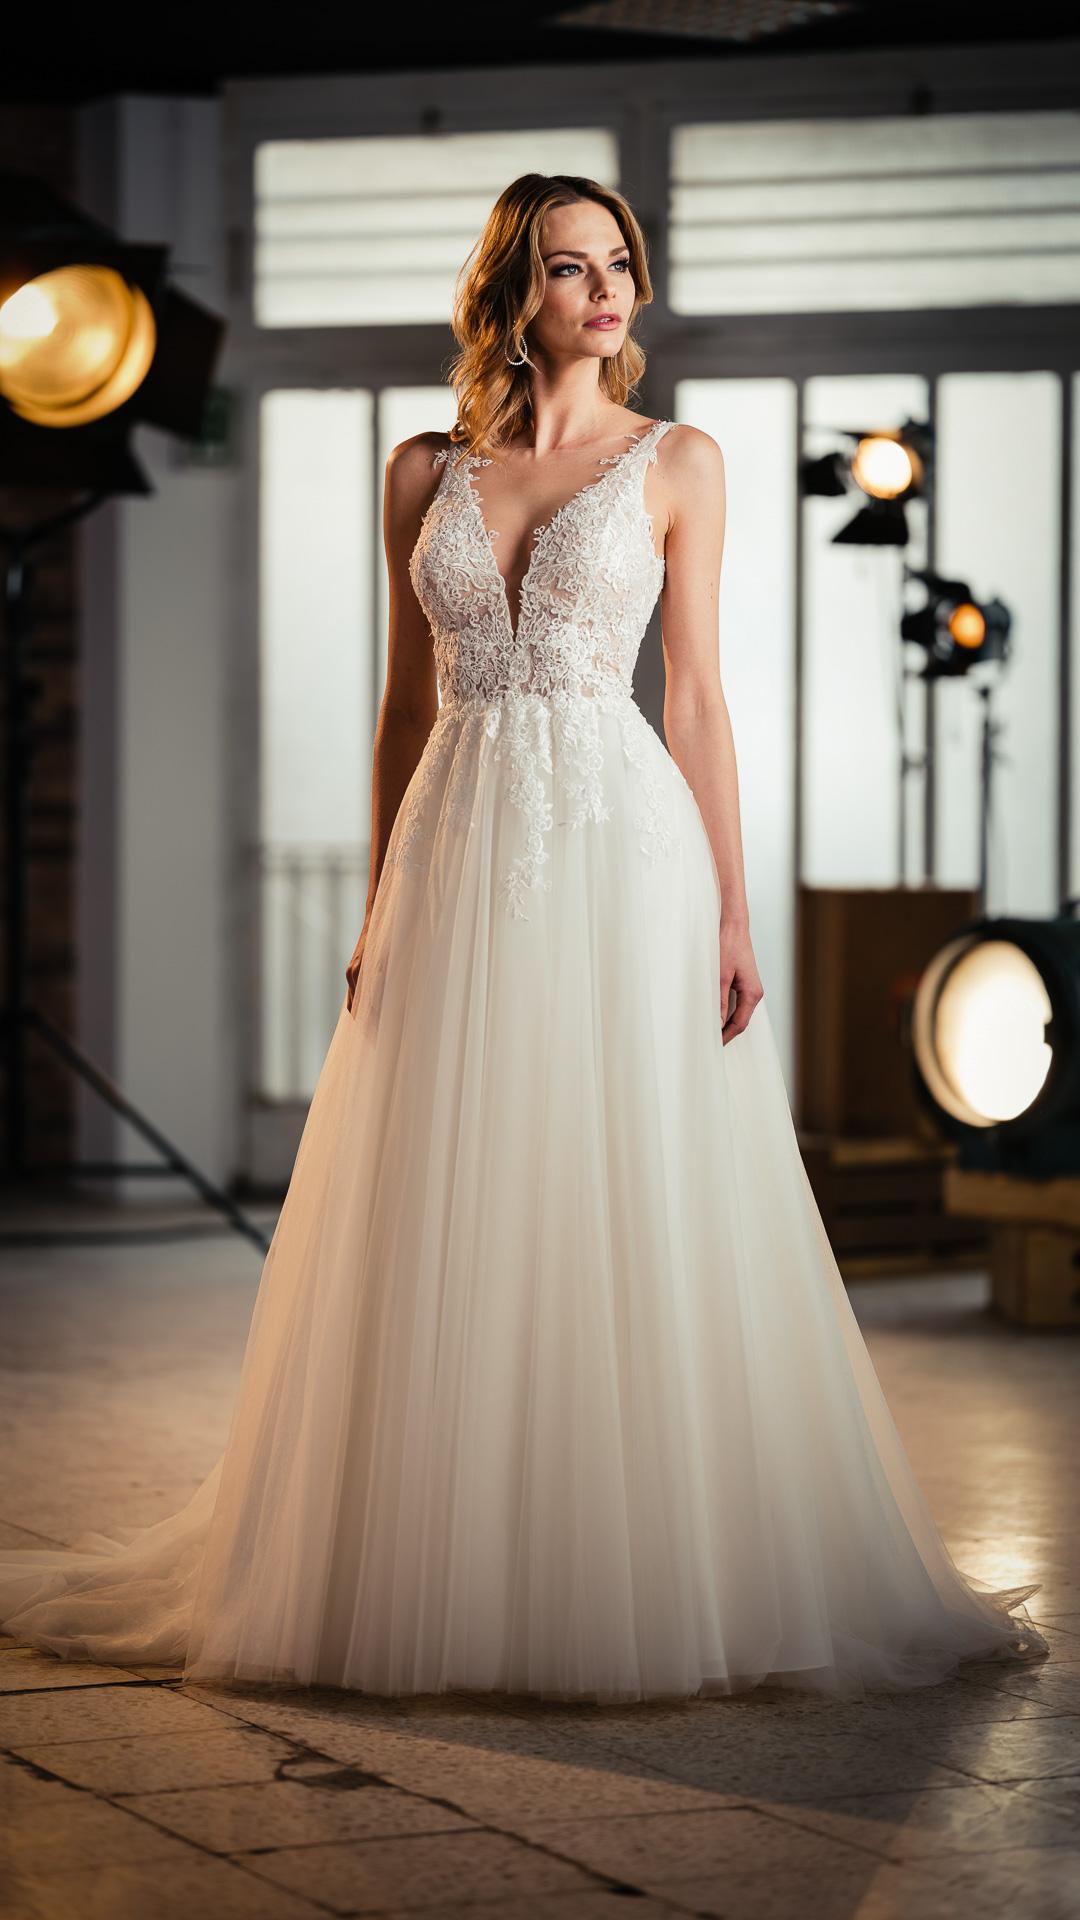 Kollektion 2021 Brautkleid 6708 von DMY